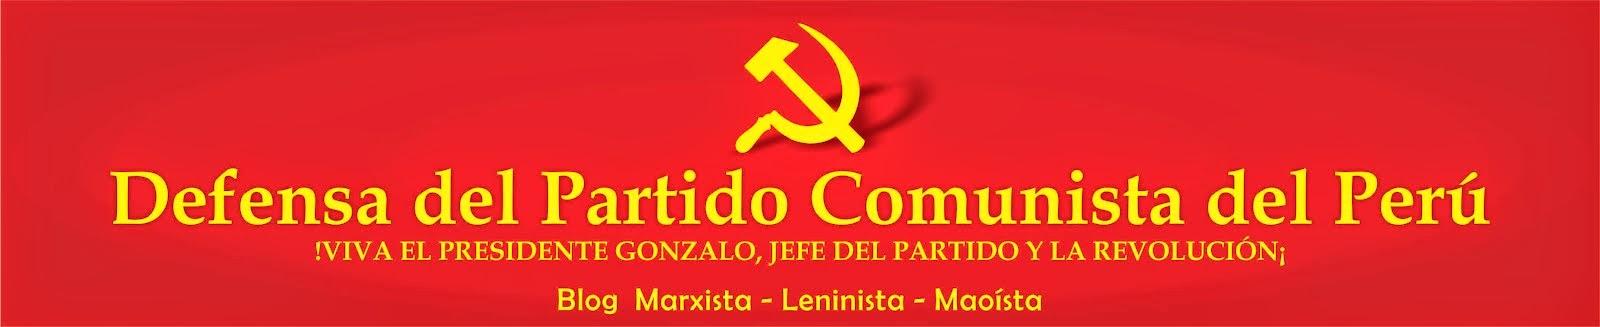 Defensa del Partido Comunista del Perú